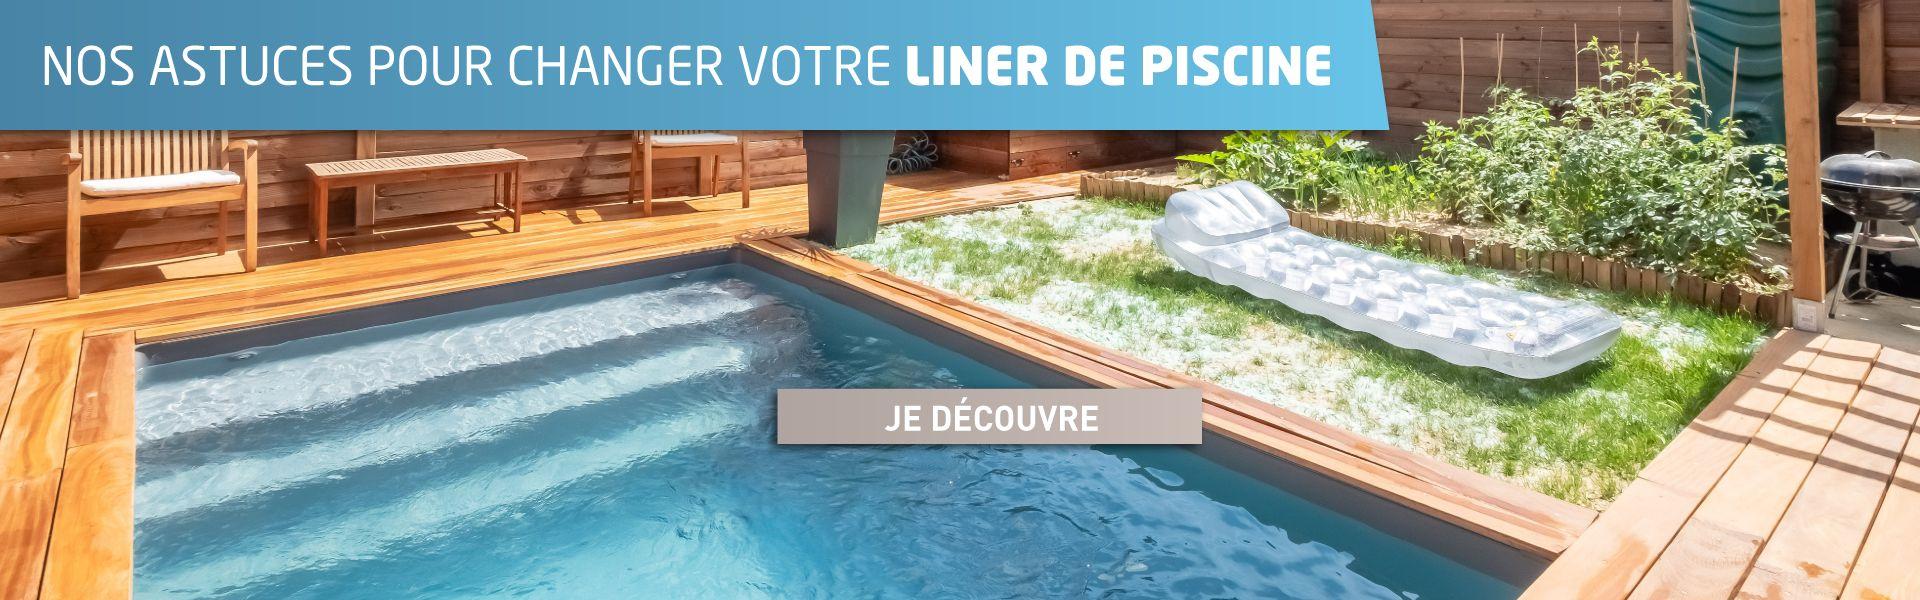 Cash Piscines - Tout Pour La Piscine & Spas Gonflables ... pour Cash Piscine Marmande